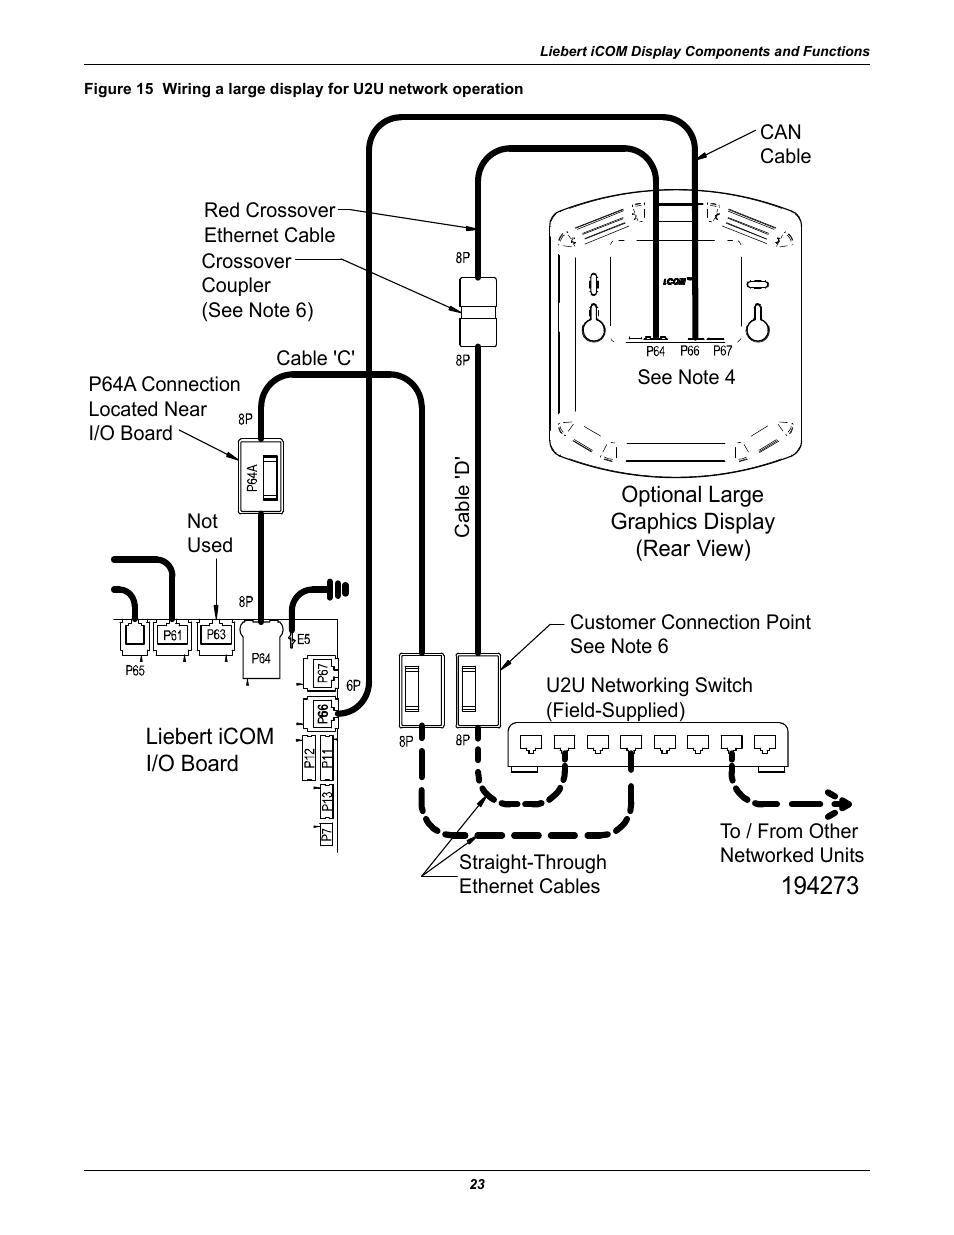 liebert icom wiring diagram